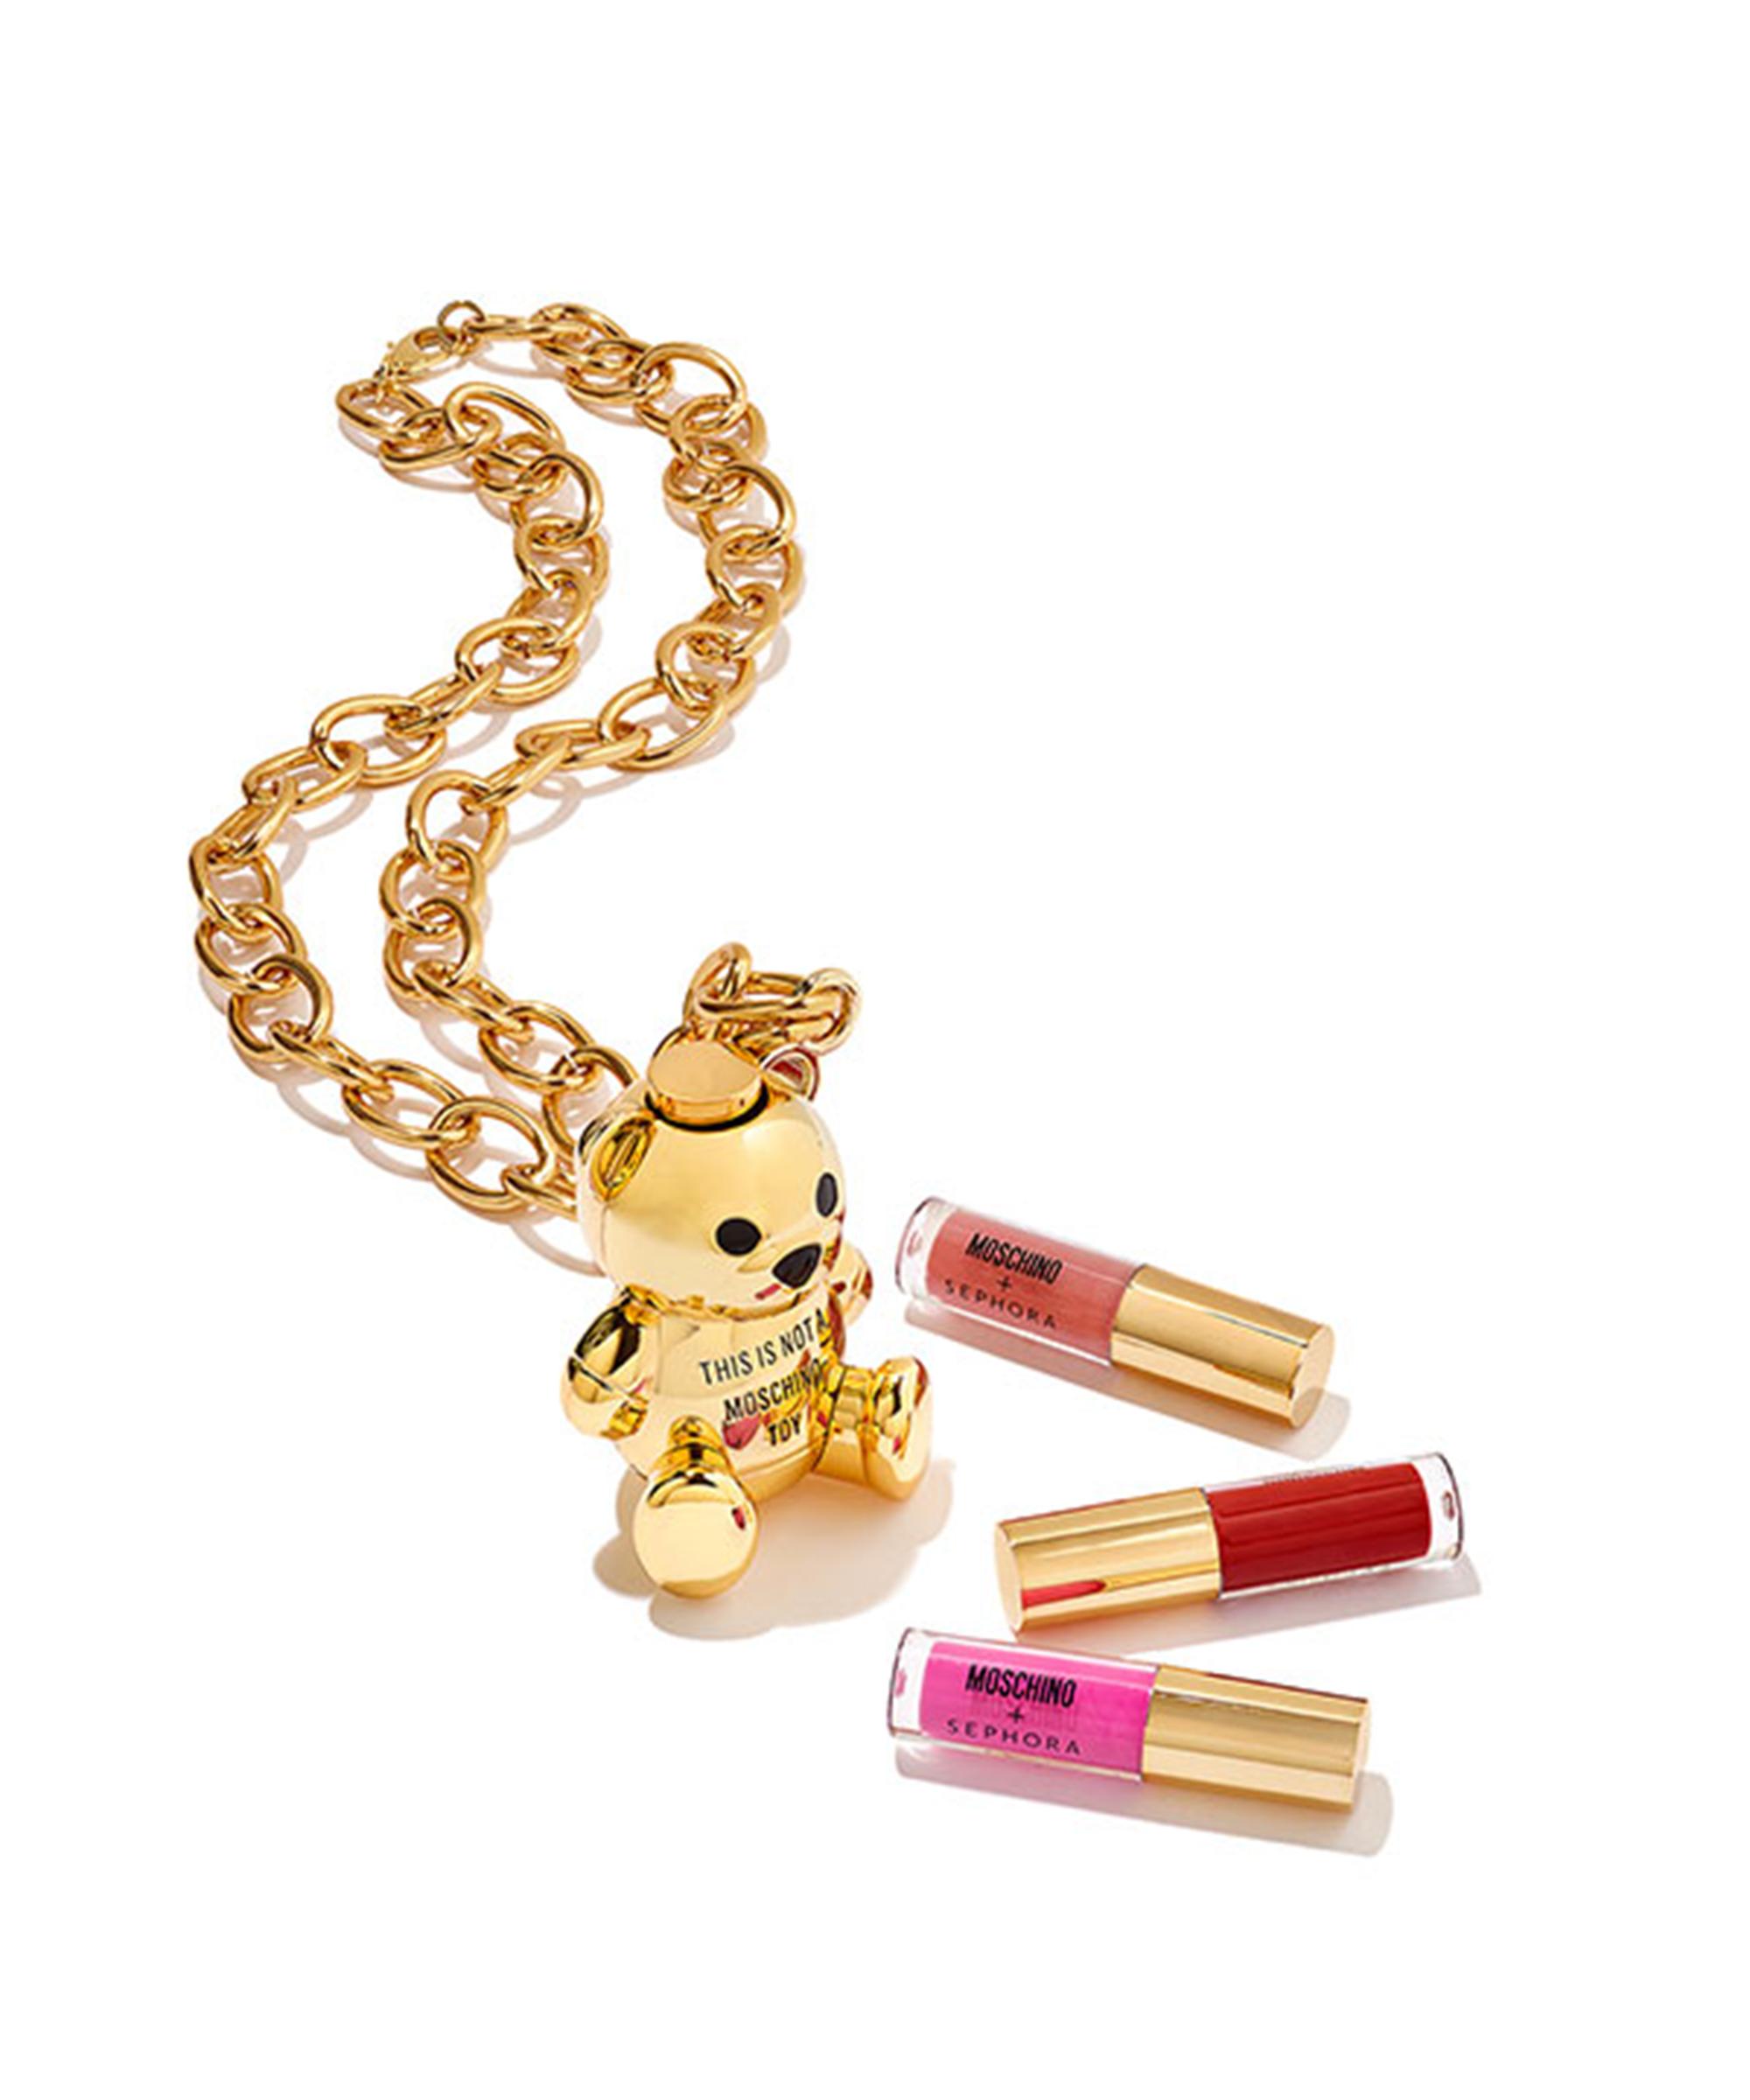 Moschino Sephora Teddy Bear Makeup Collection